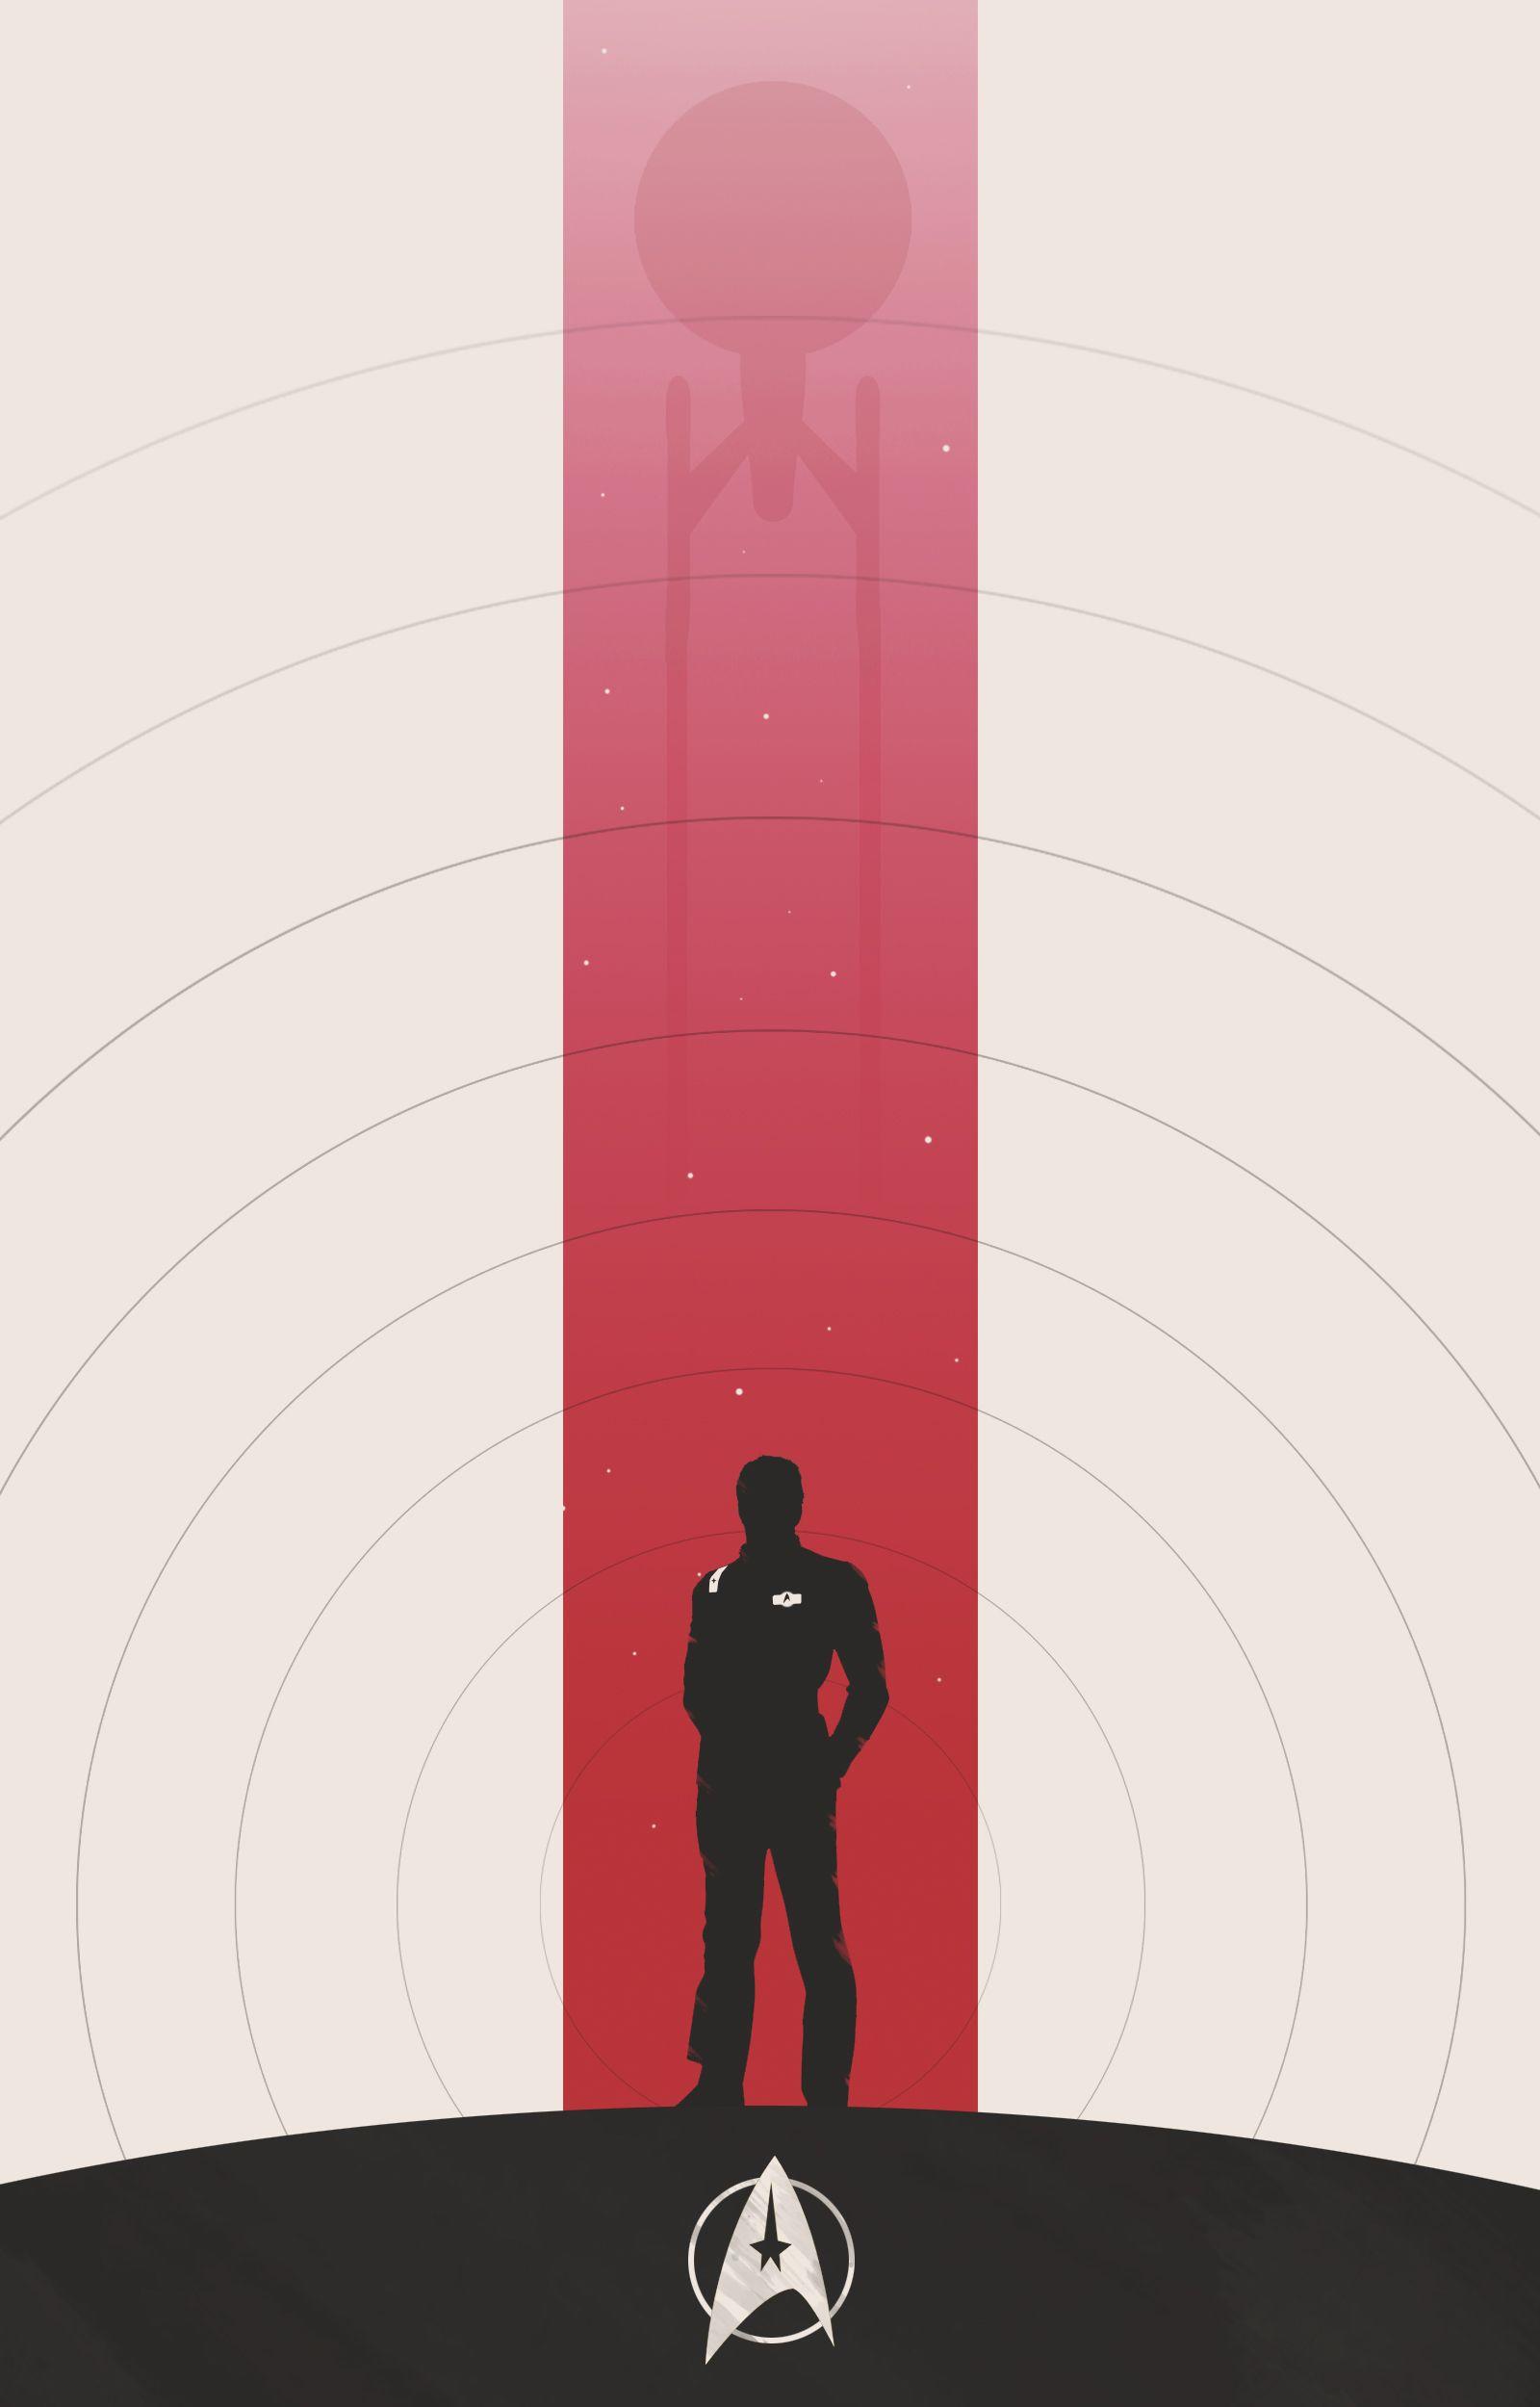 Kirk 2 By Noble Deviantart Star Trek Art Star Trek Wallpaper Star Trek Posters